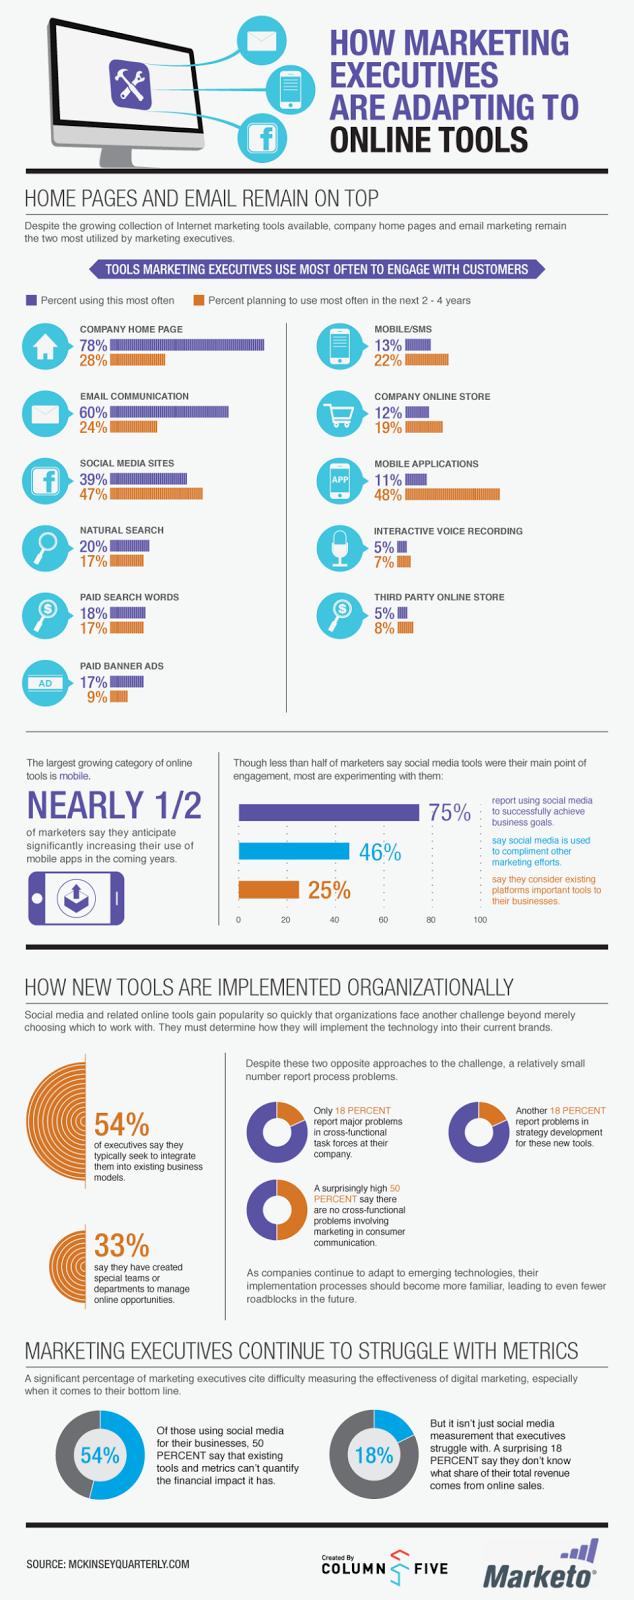 Πώς τα στελέχη επιχειρήσεων χρησιμοποιούν τα on-line εργαλεία (infograpic) Executive-Online-Tool-Infographic4